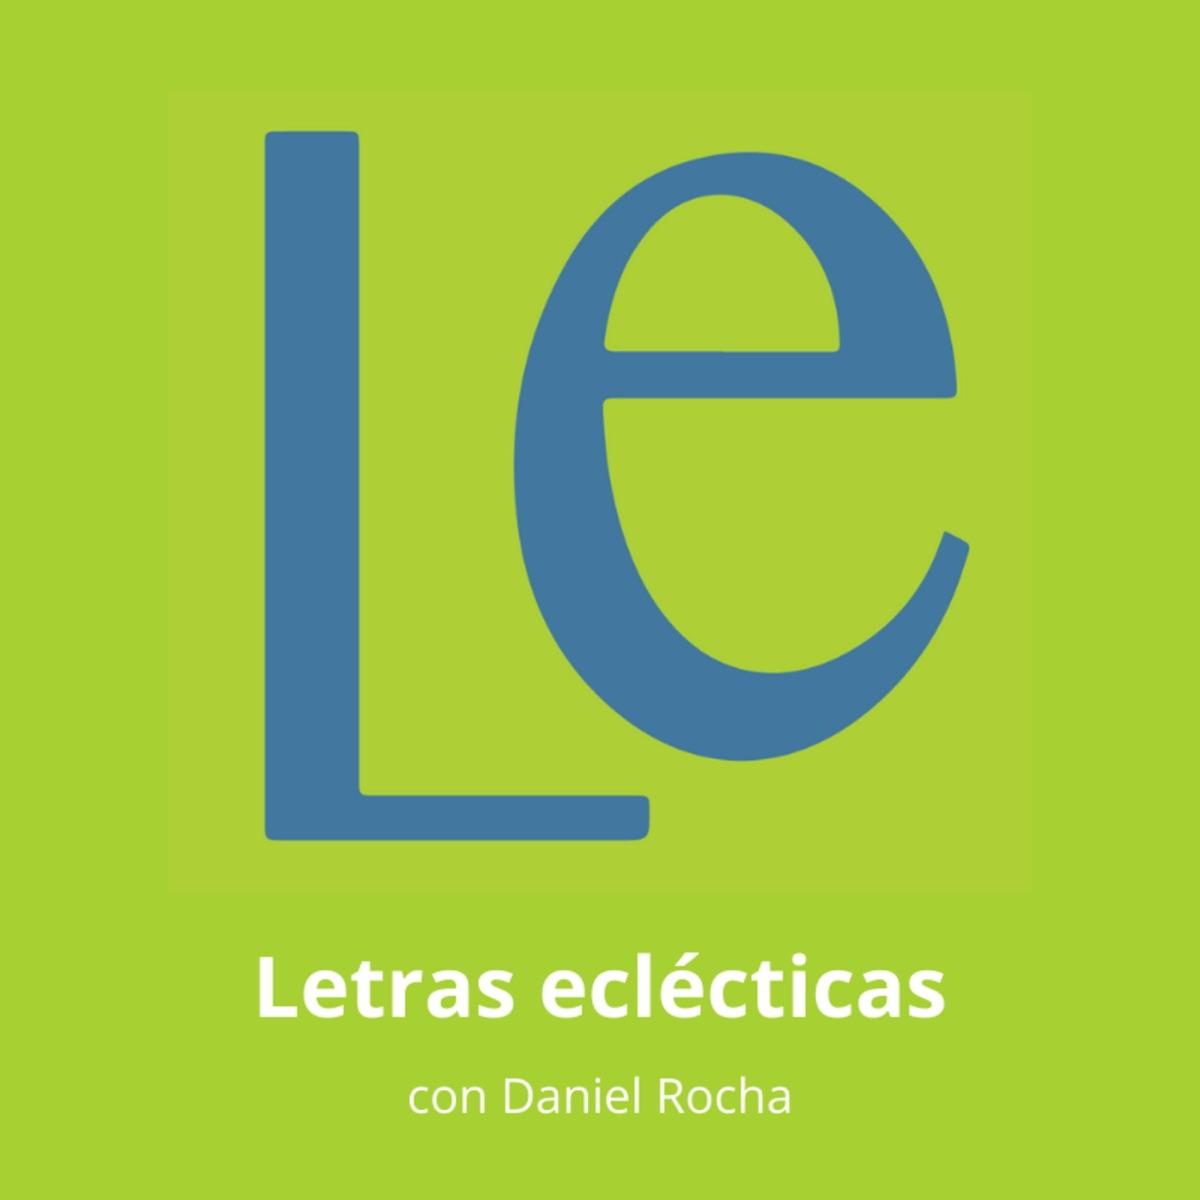 Letras eclécticas